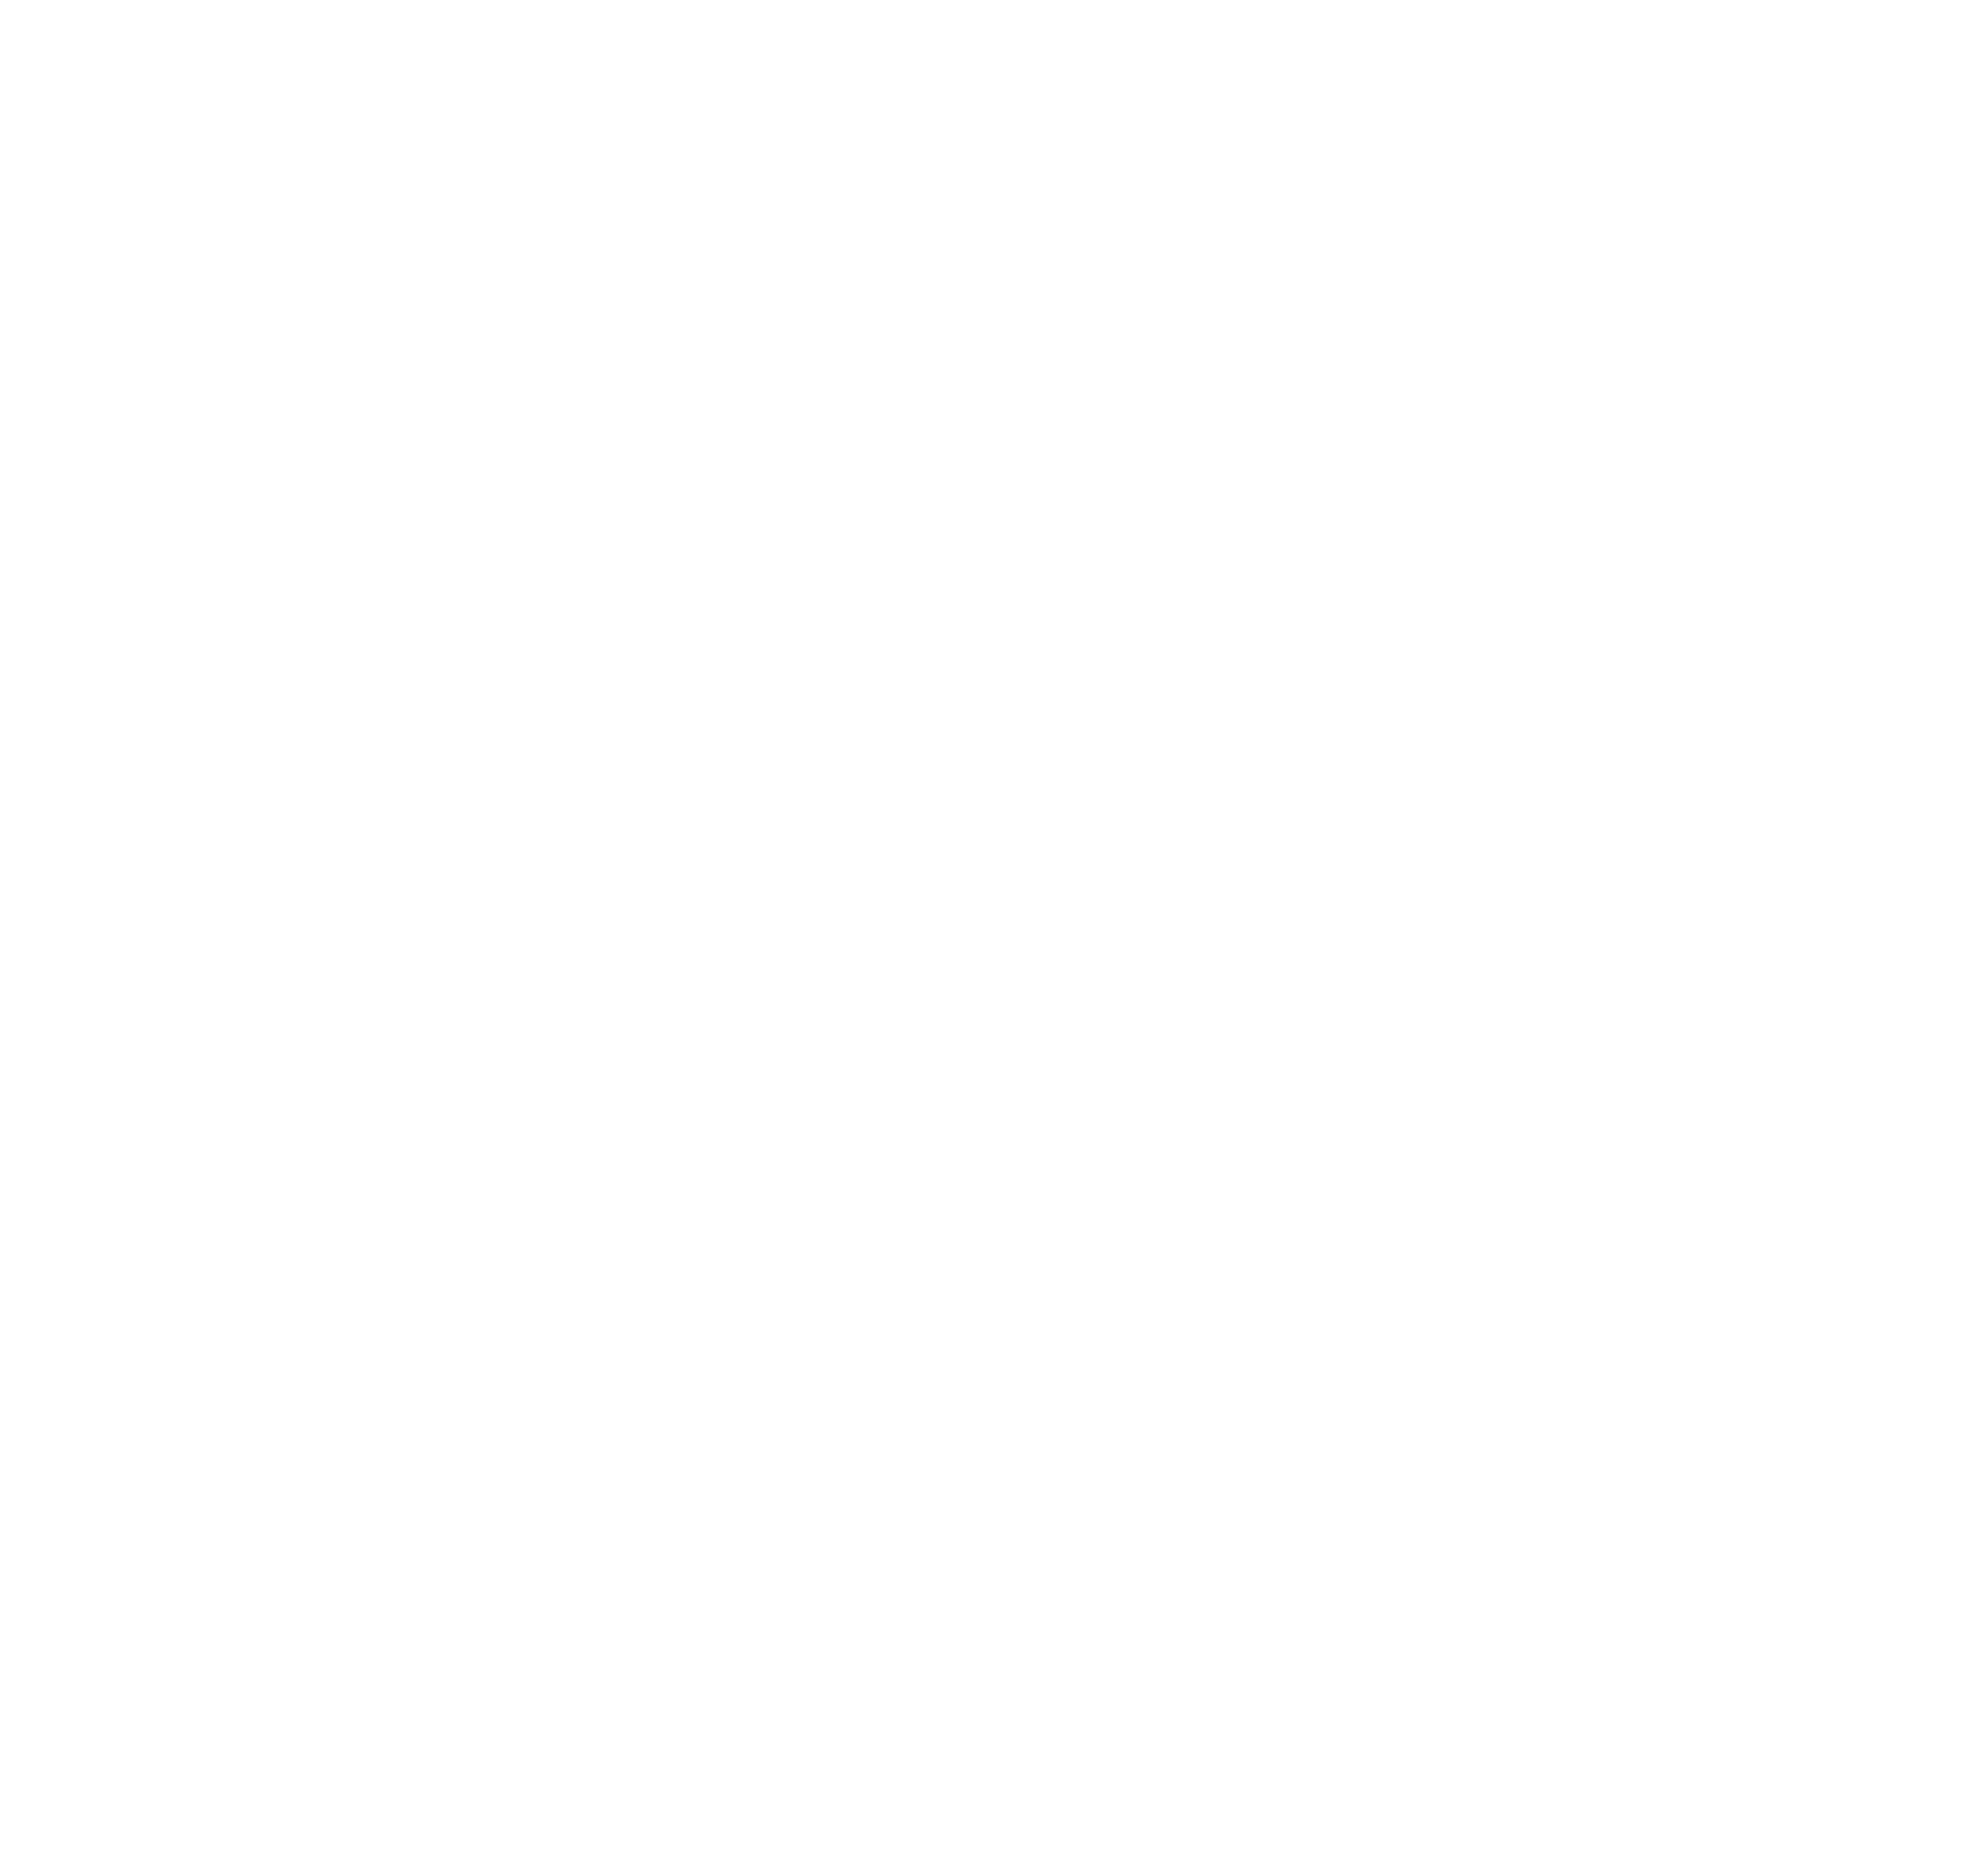 MOUNTAIN FILM AWARDS LOGO WHITE.png